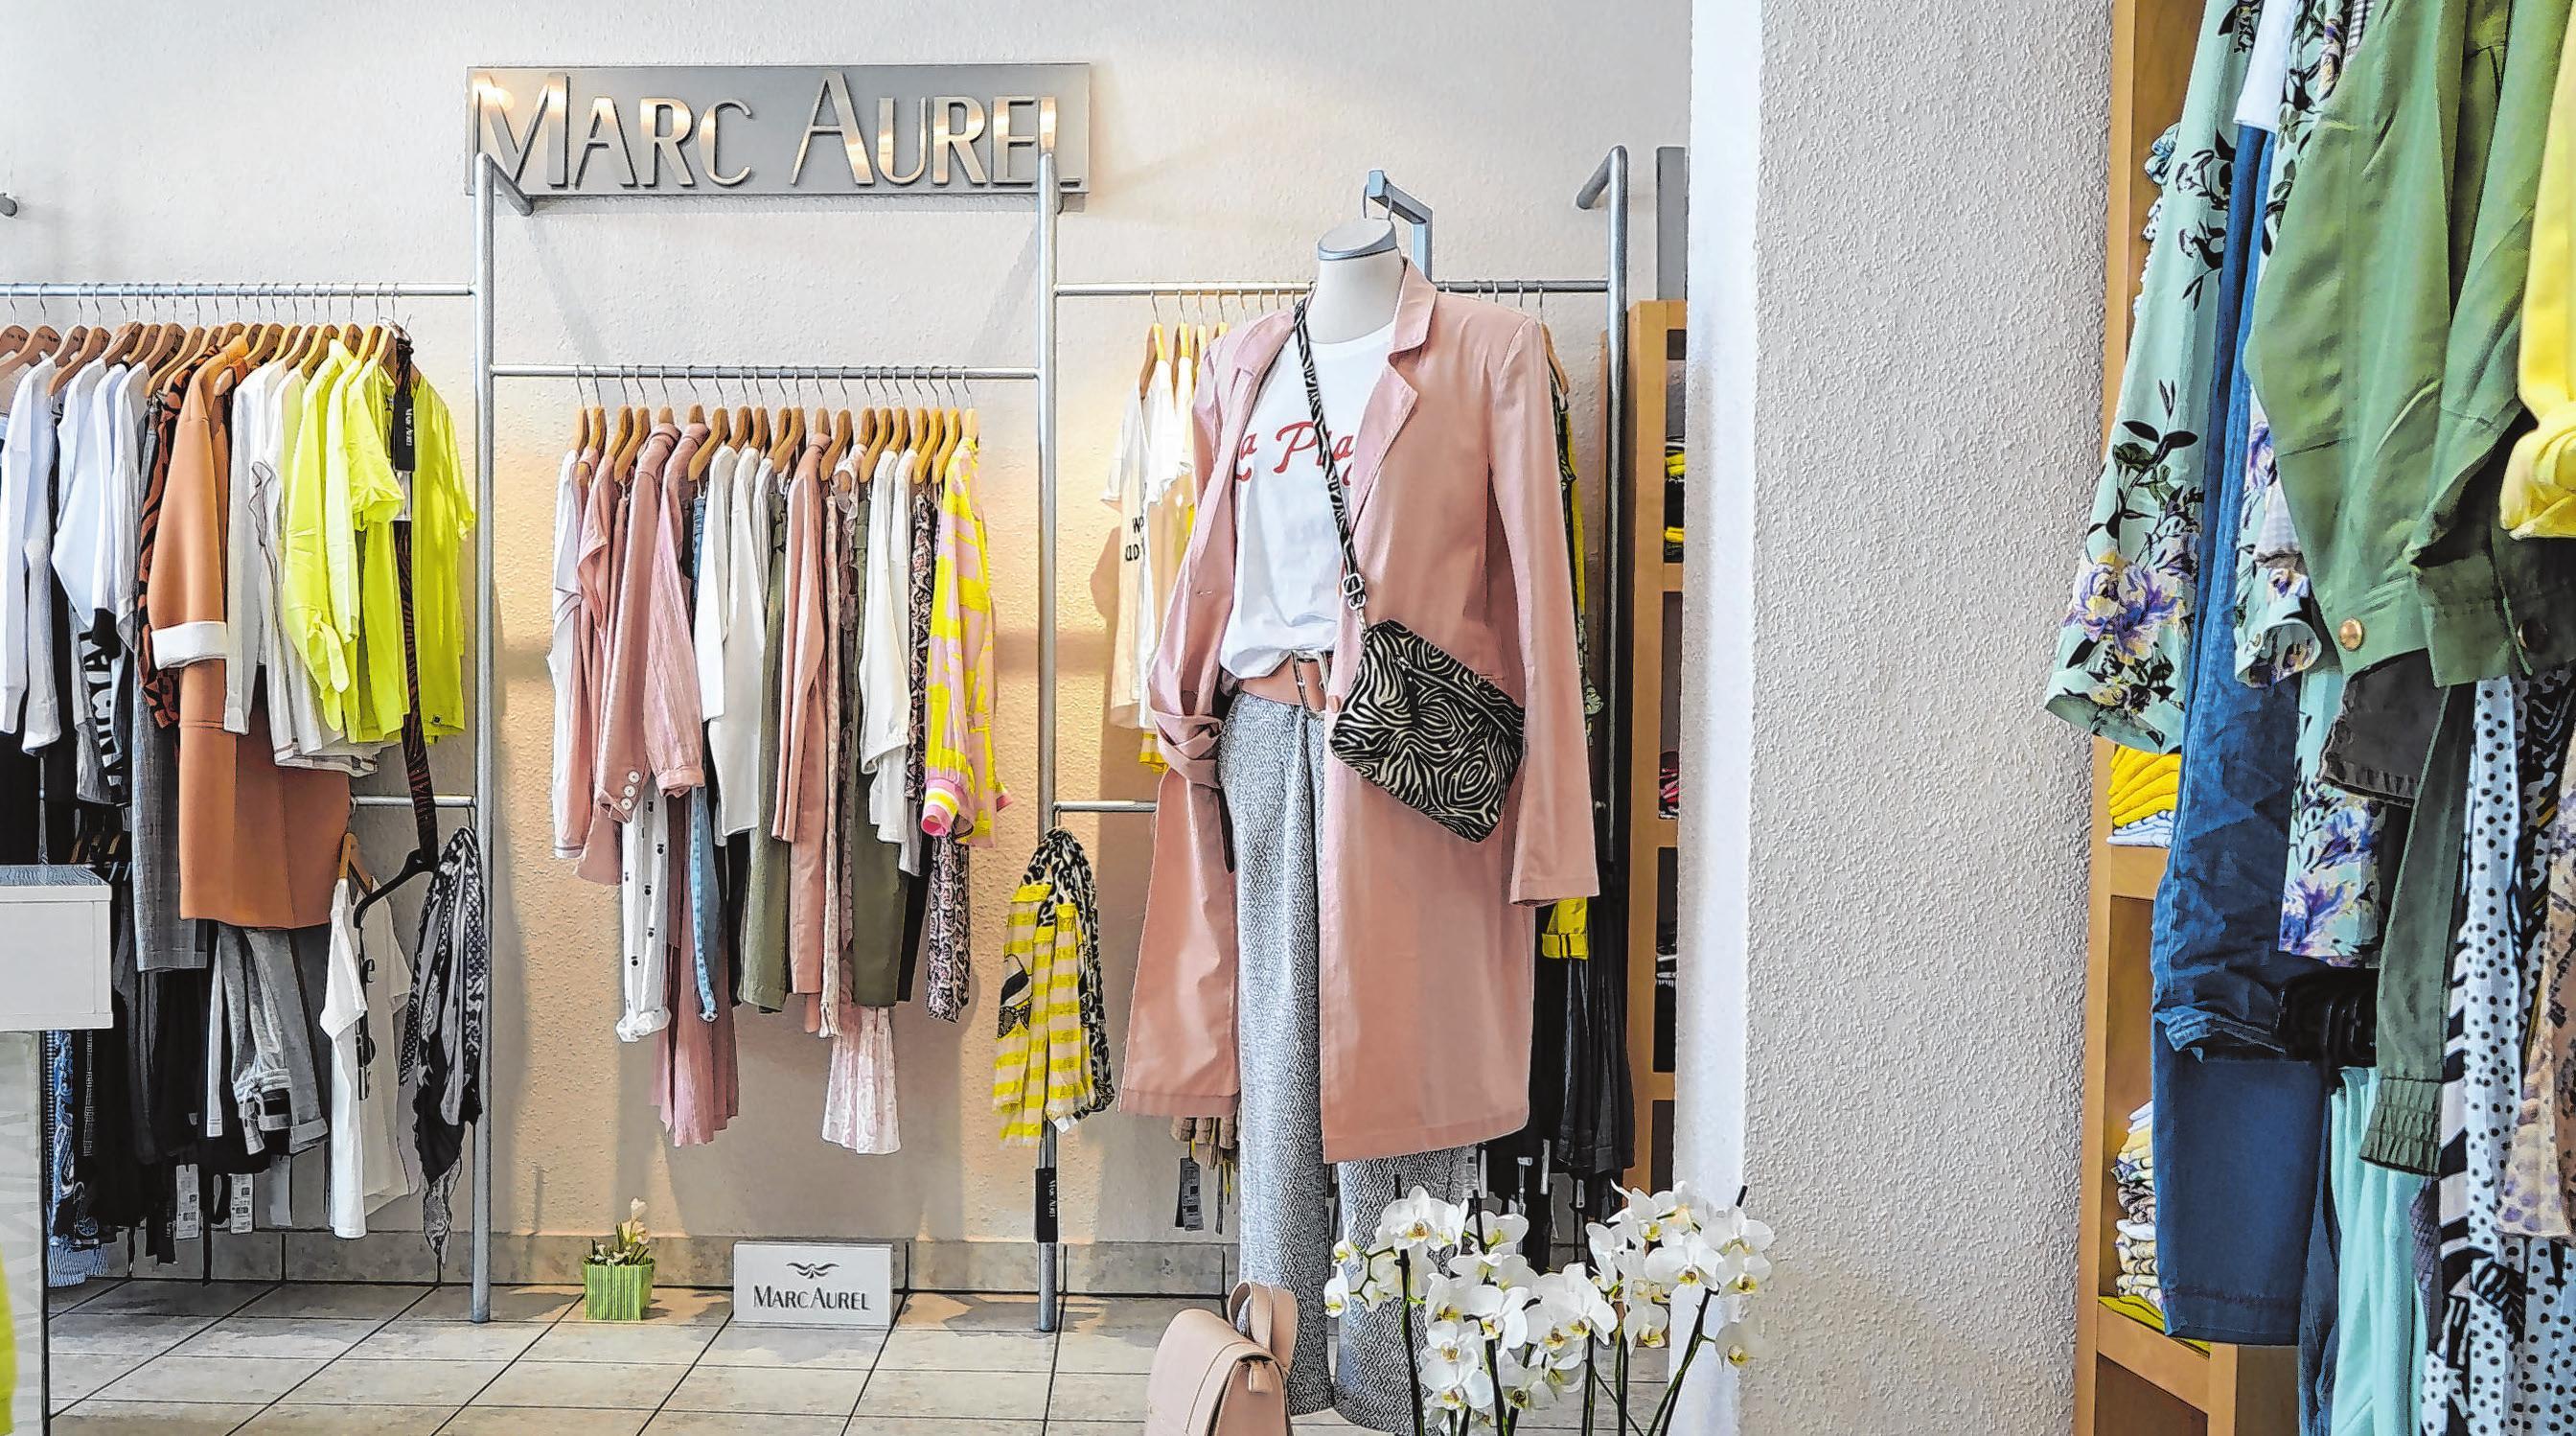 Pünktlich zur Wiedereröffnung ist die neue Mode für Frühjahr und Sommer eingetroffen. Die Inhaberinnen der Boutique Vogue freuen sich, ihre Kunden wieder persönlich beraten zur dürfen. Fotos (3): Andrea Steinert